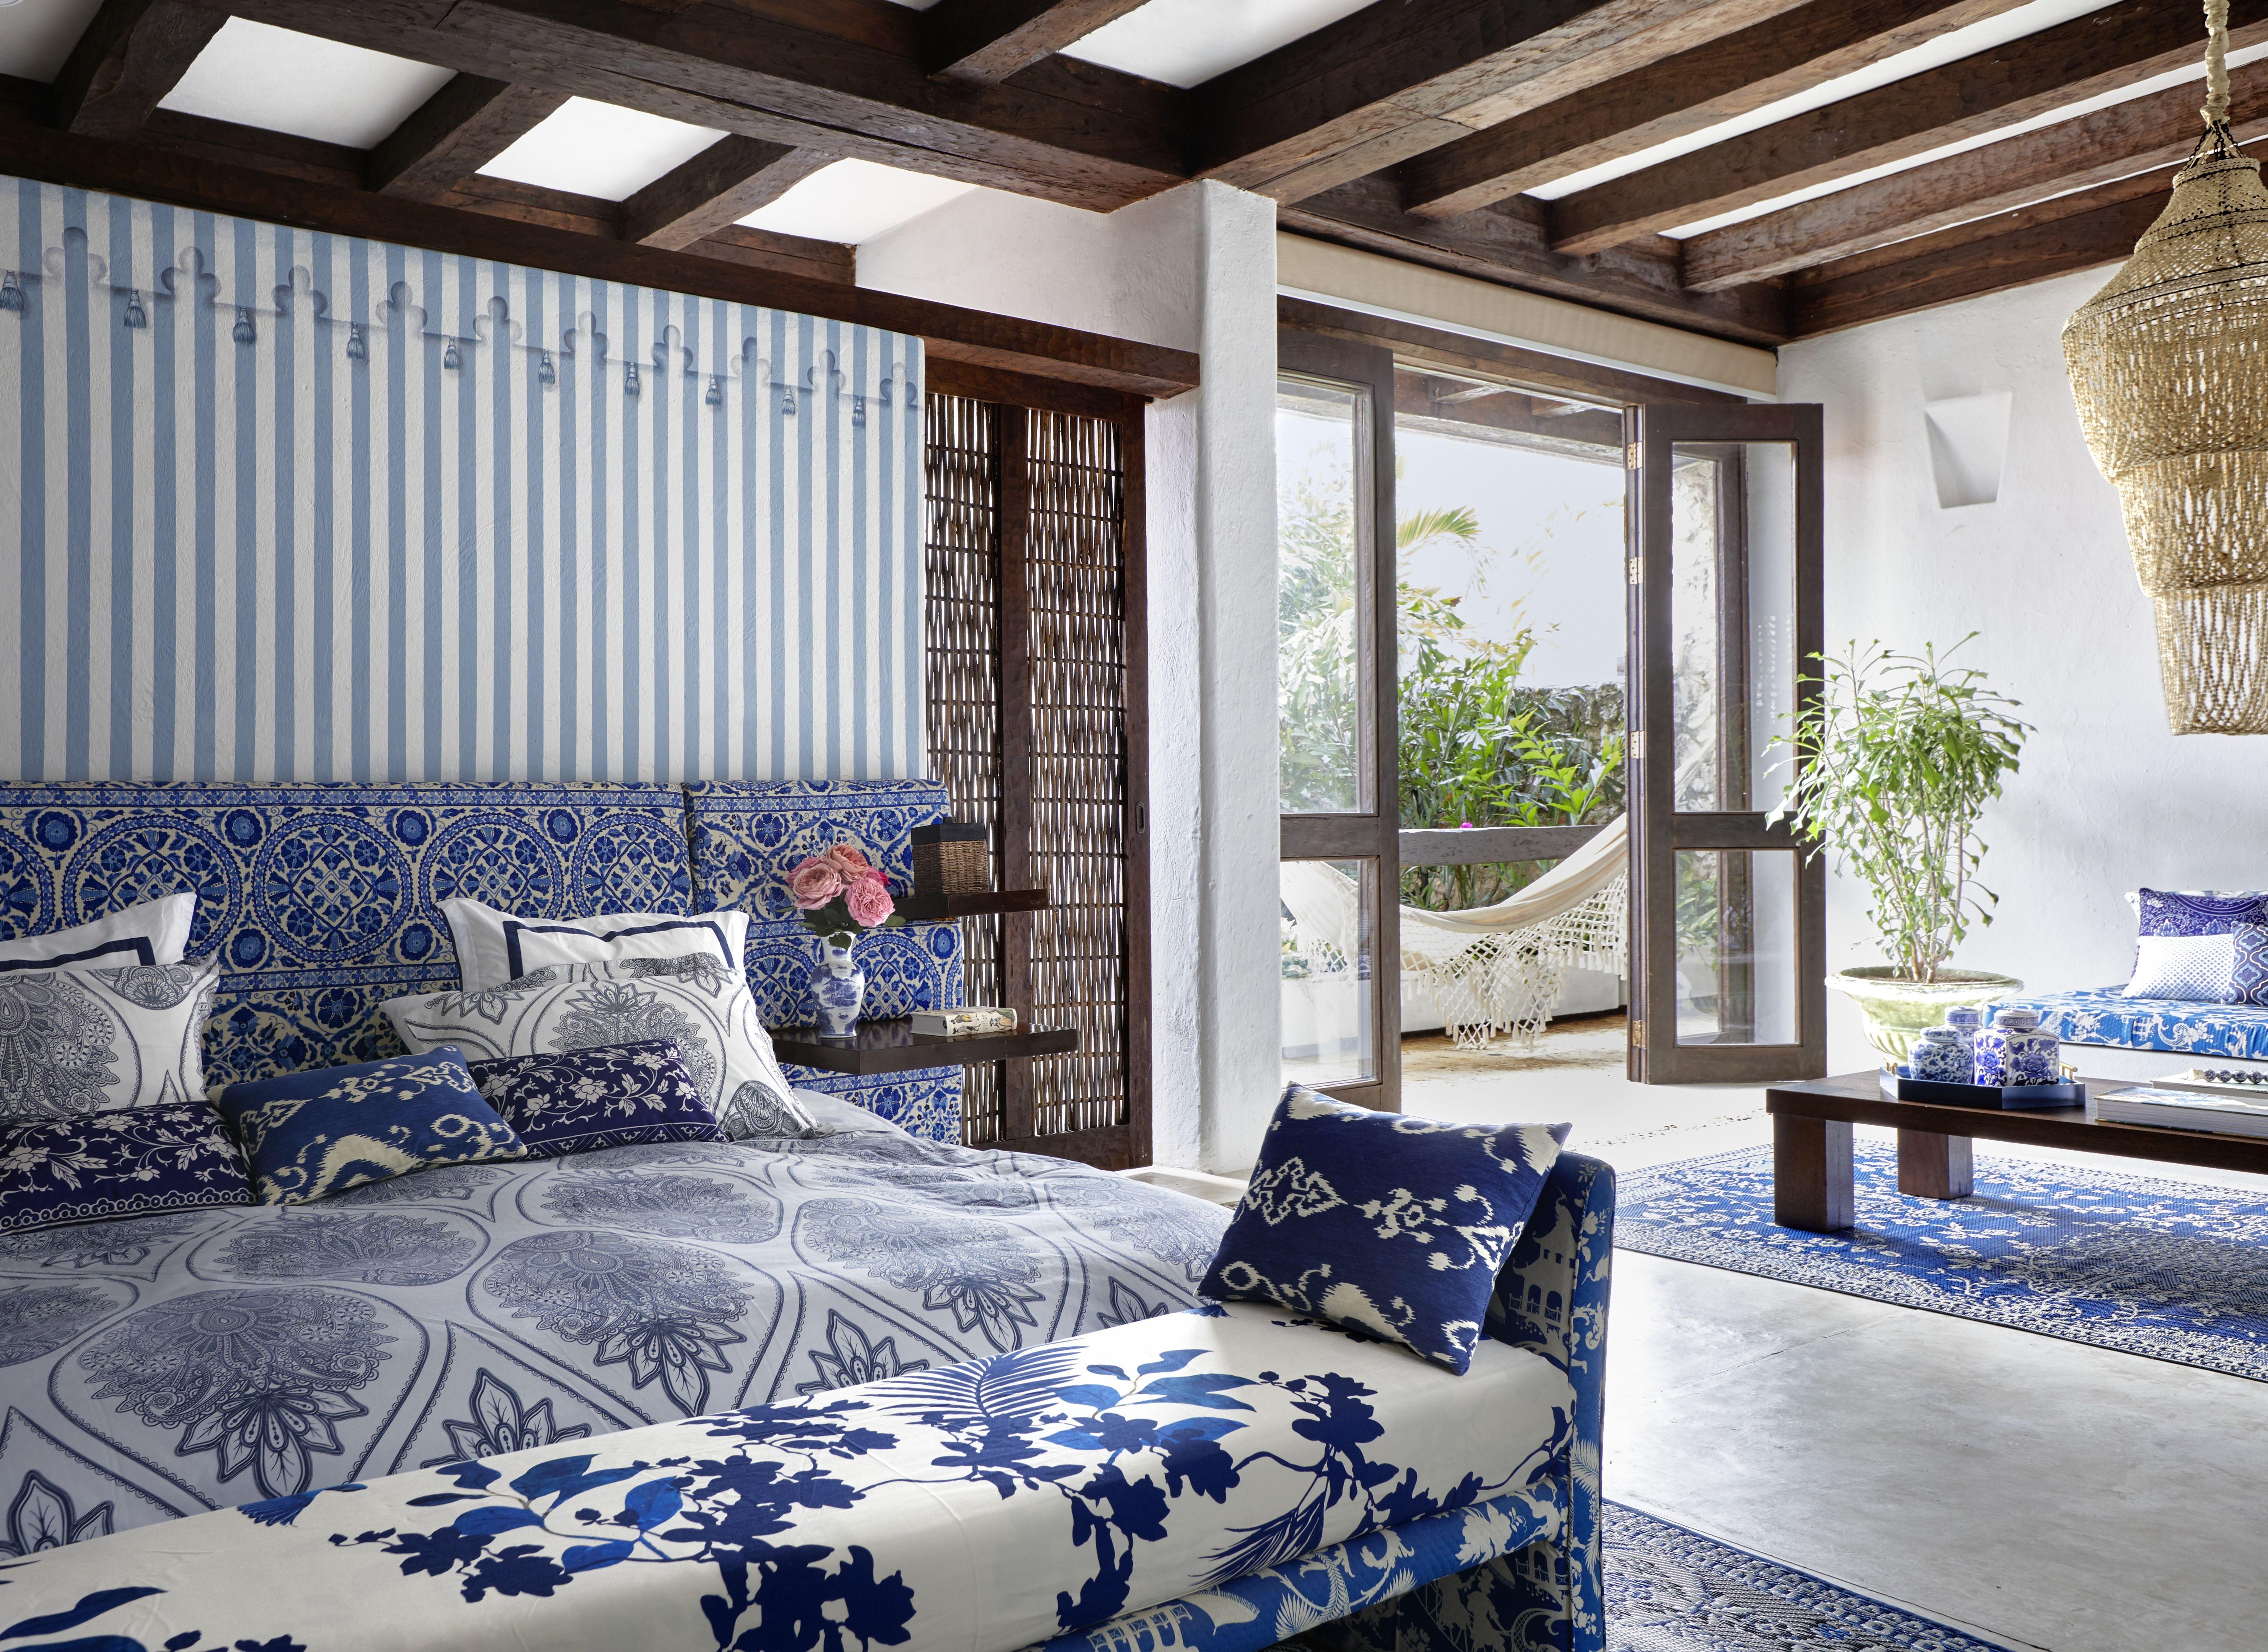 The best bedroom furniture Wayfair Cartagena Vacation Home Mideastercom 32 Best Bedroom Ideas How To Decorate Bedroom